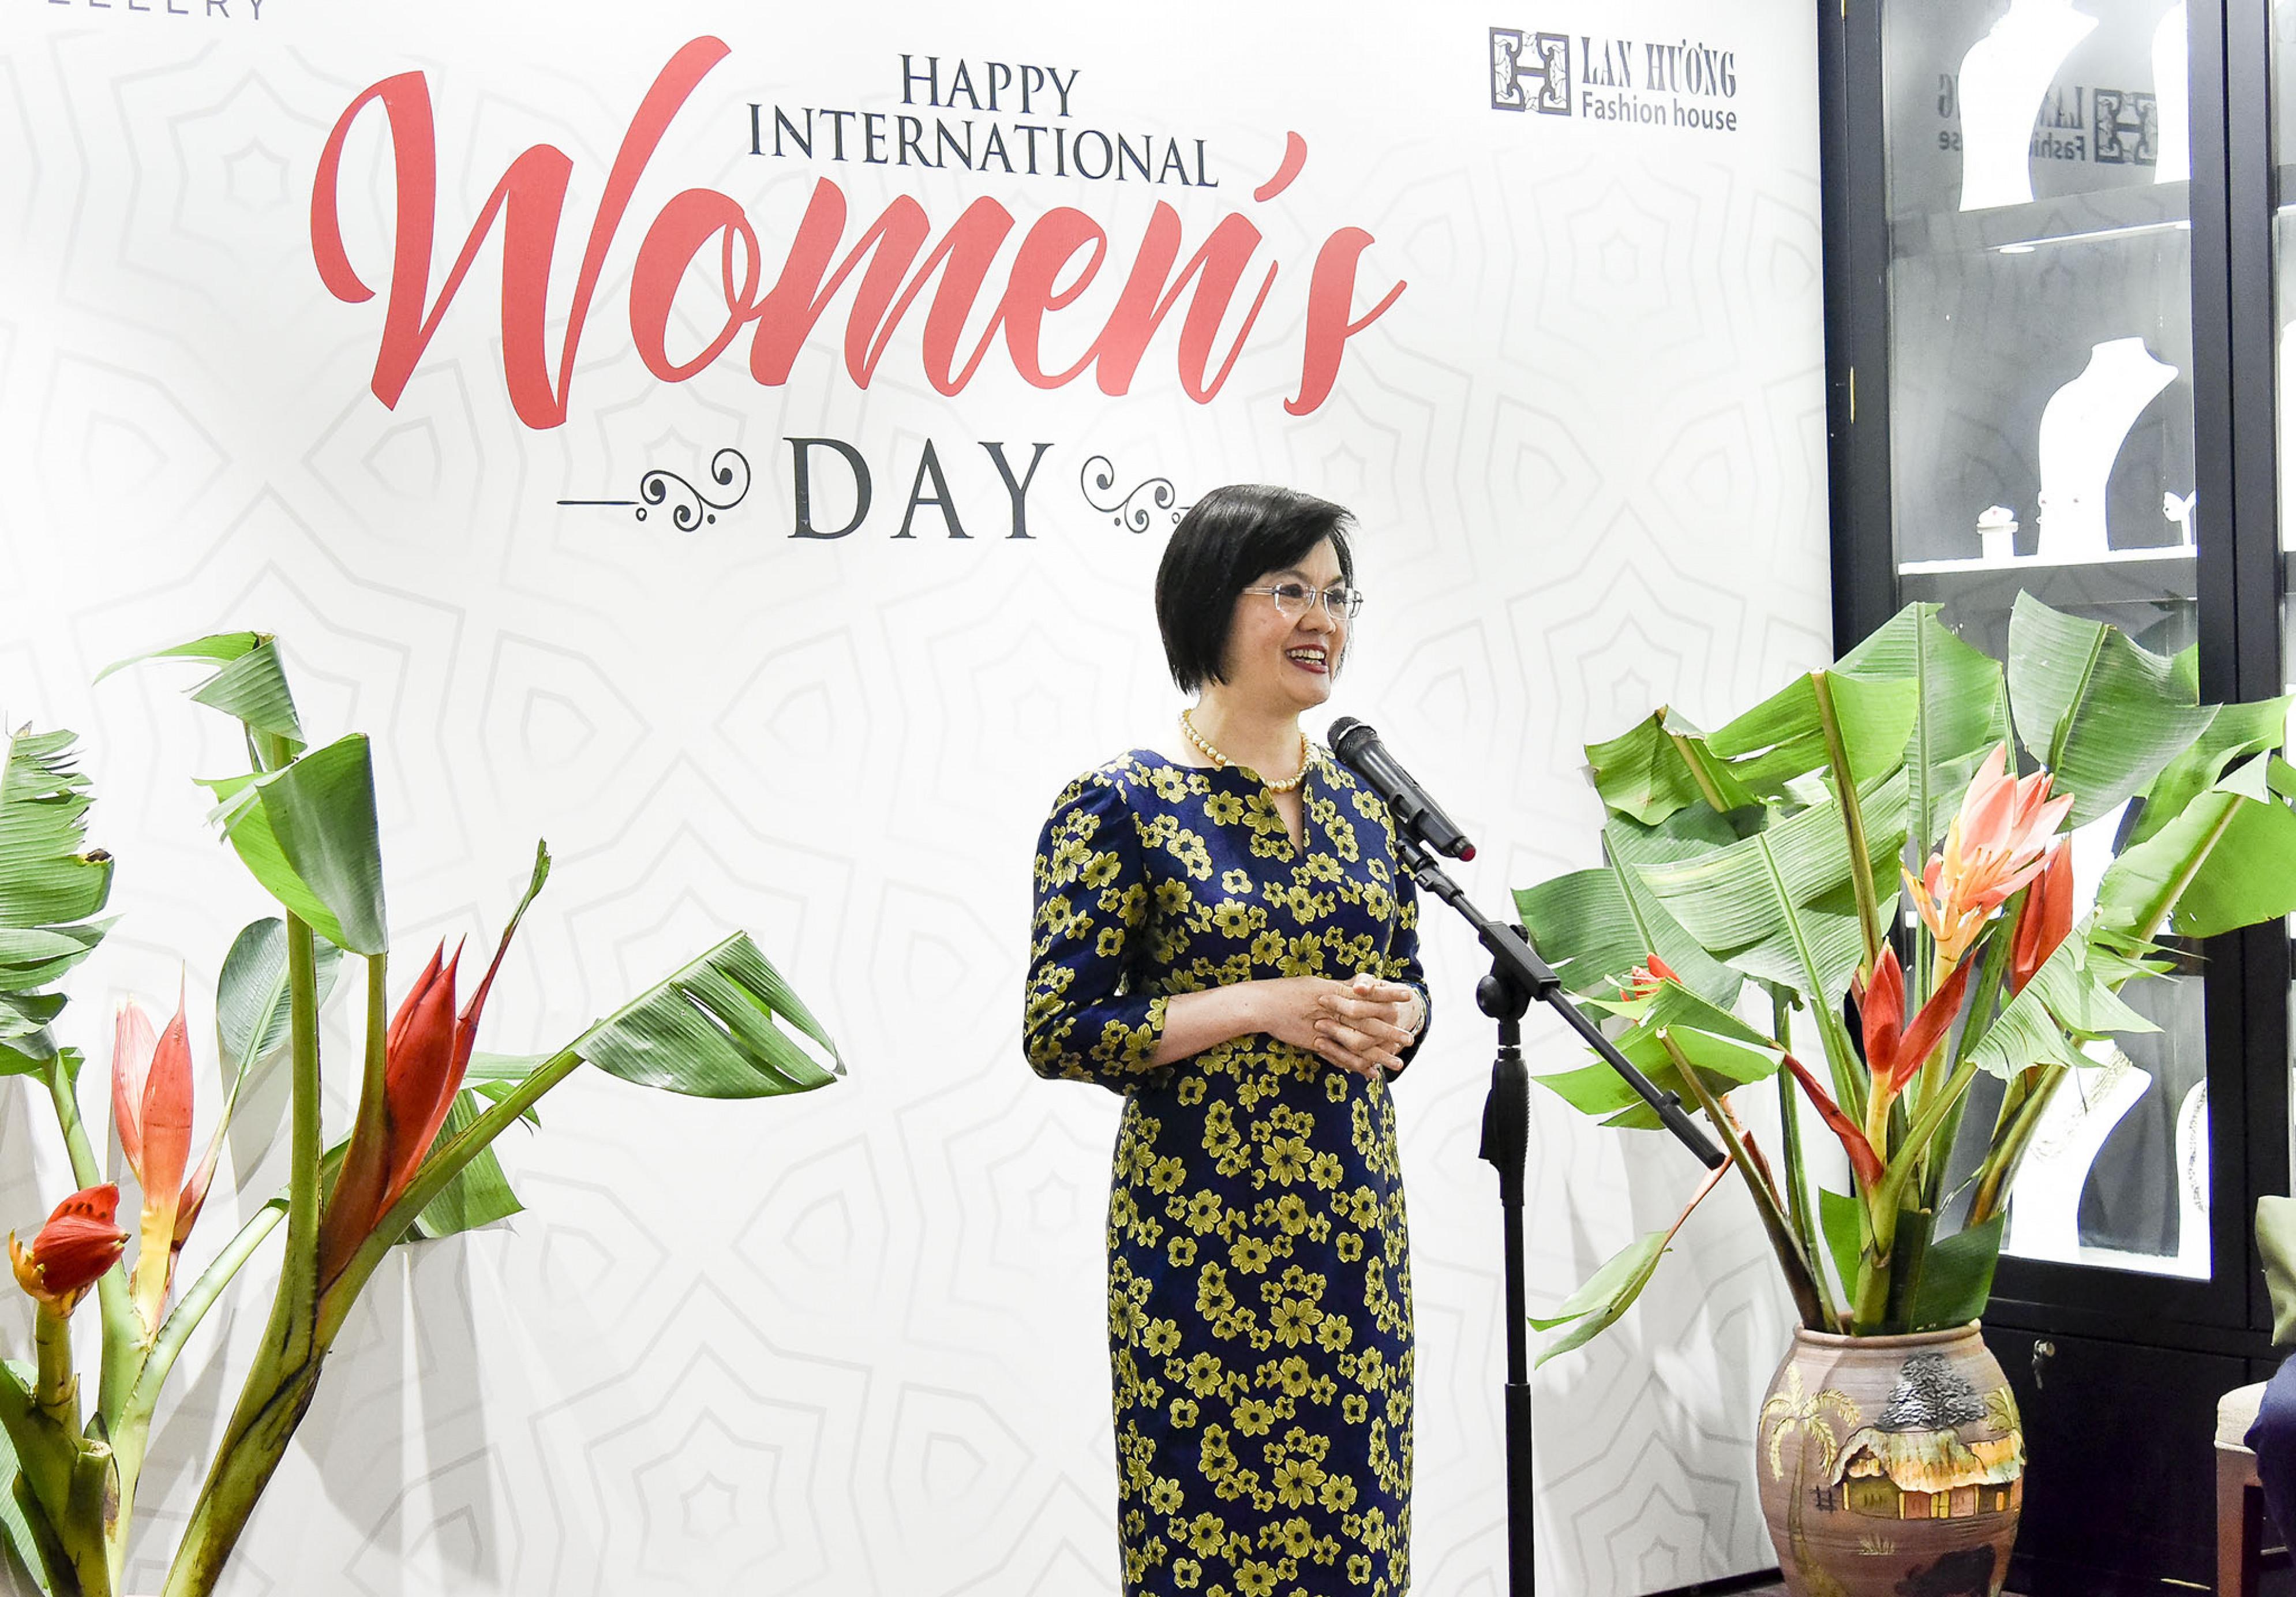 Phát biểu khai mạc buổi gặp mặt, Đại sứ Nguyễn Nguyệt Nga chúc mừng tất cả các chị em nhân dịp Ngày Quốc tế phụ nữ. Đại sứ đánh giá cao sáng kiến tổ chức sự kiện có ý nghĩa này, tạo thêm sự gắn kết, tình hữu nghị giữa các nhà ngoại giao nữ quốc tế và Việt Nam, tôn vinh vẻ đẹp trí tuệ và sức sáng tạo của người phụ nữ trong kỷ nguyên số và là dịp để bạn bè quốc tế hiểu thêm tinh hoa văn hóa, nghệ thuật tinh xảo của Việt Nam.